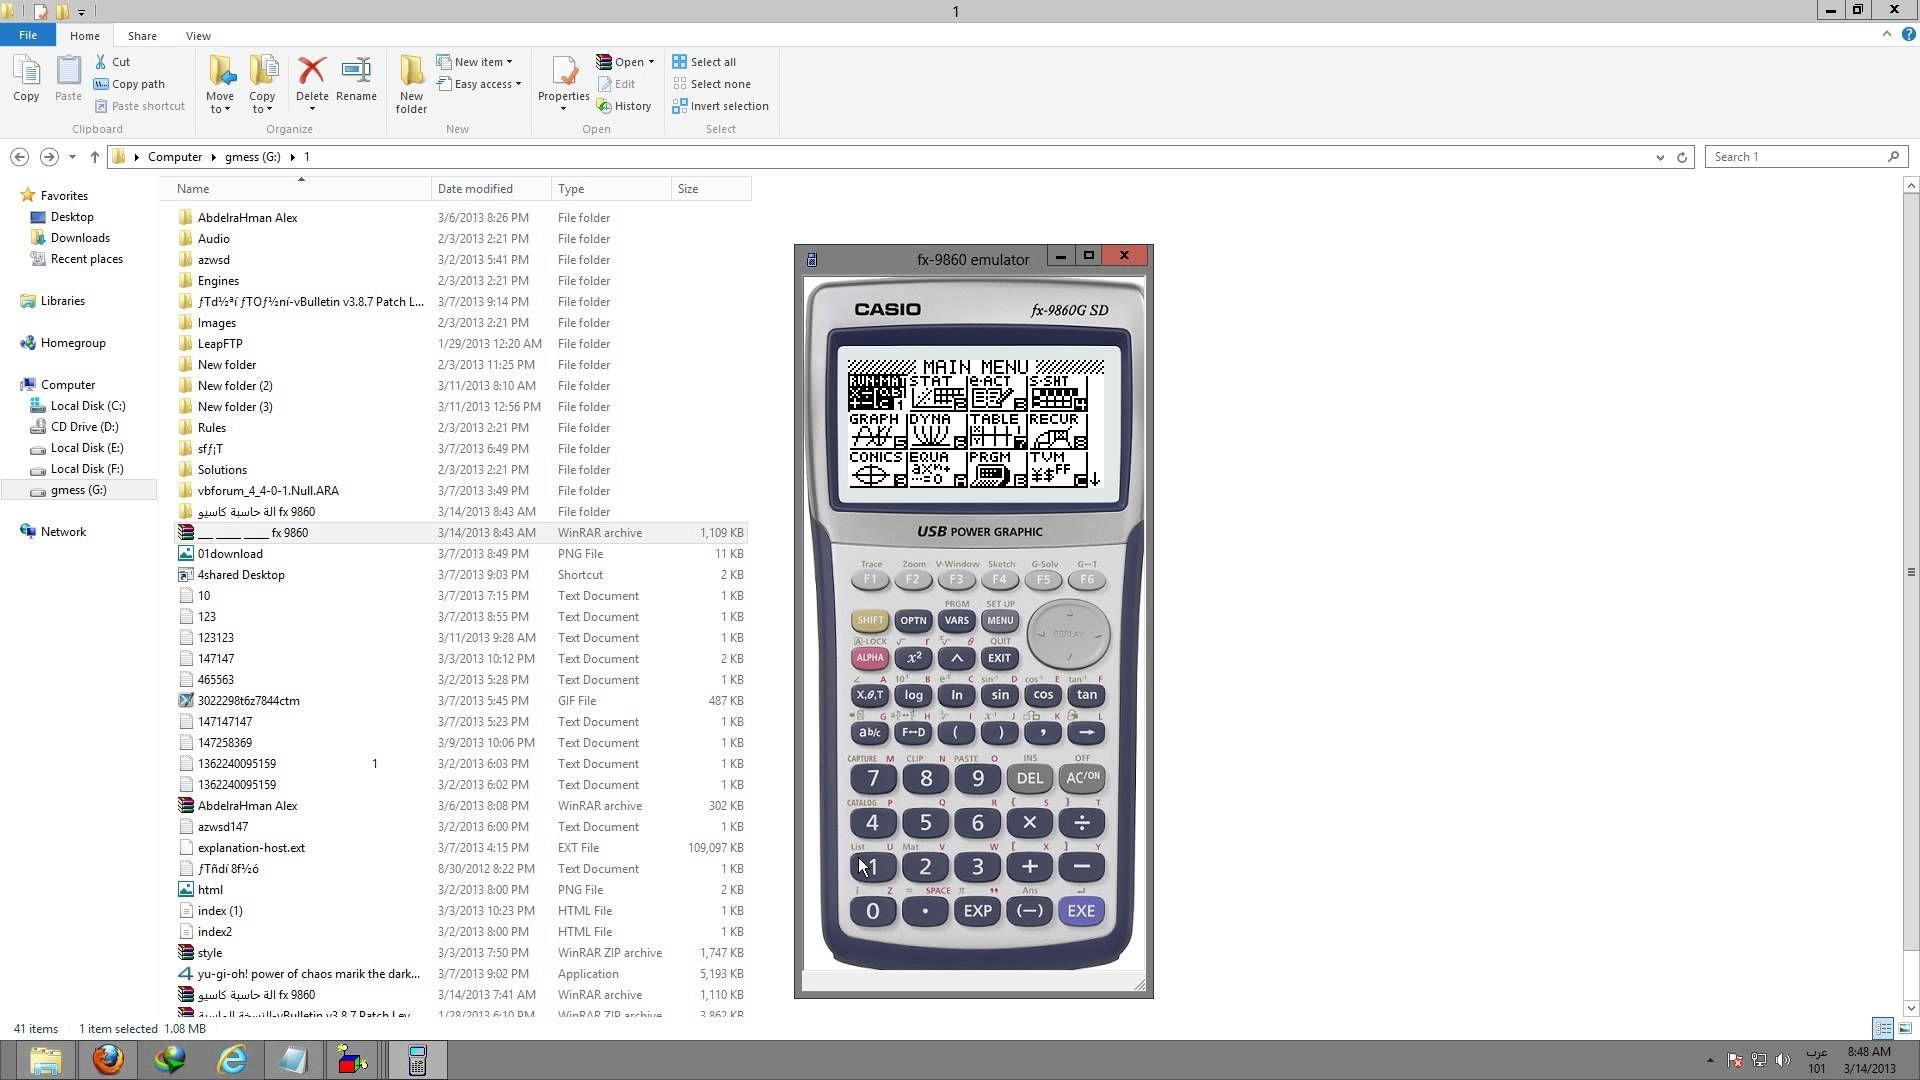 تحميل الالة الحاسبة Casio Fx 991es للكمبيوتر Graphing Calculator Coding Calculator